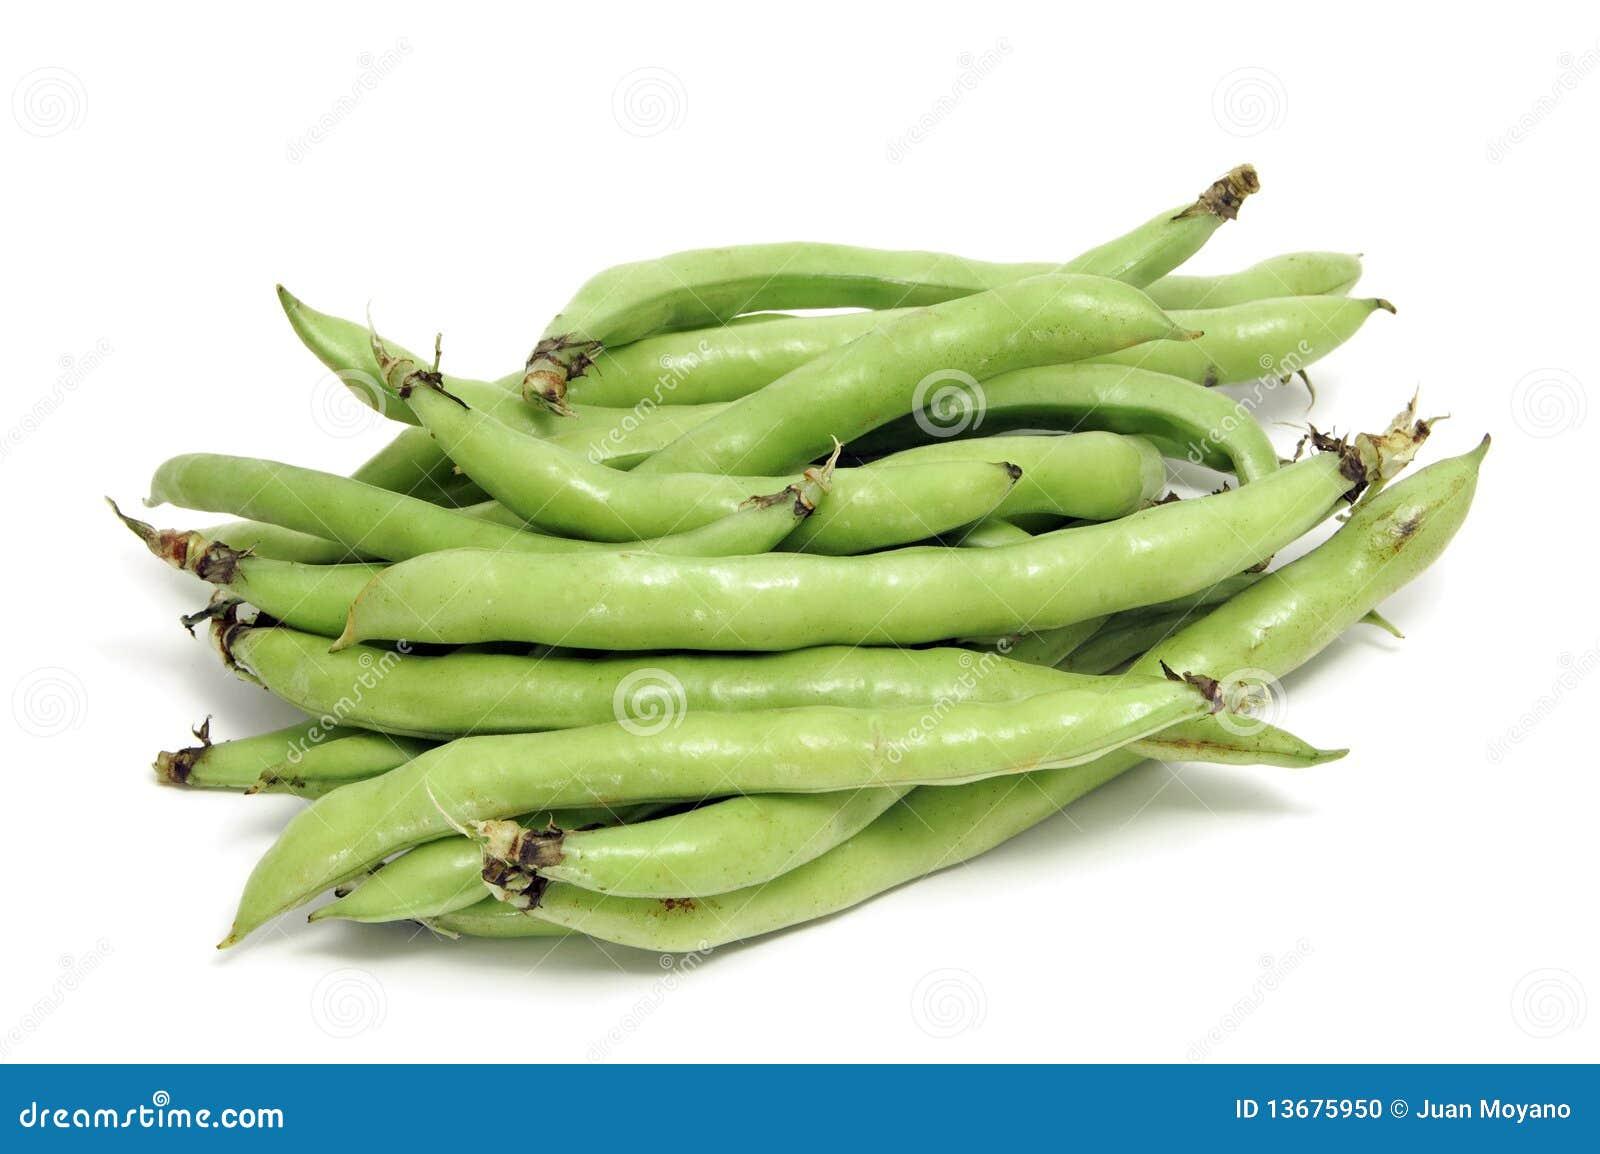 Saubohnen auf Diät